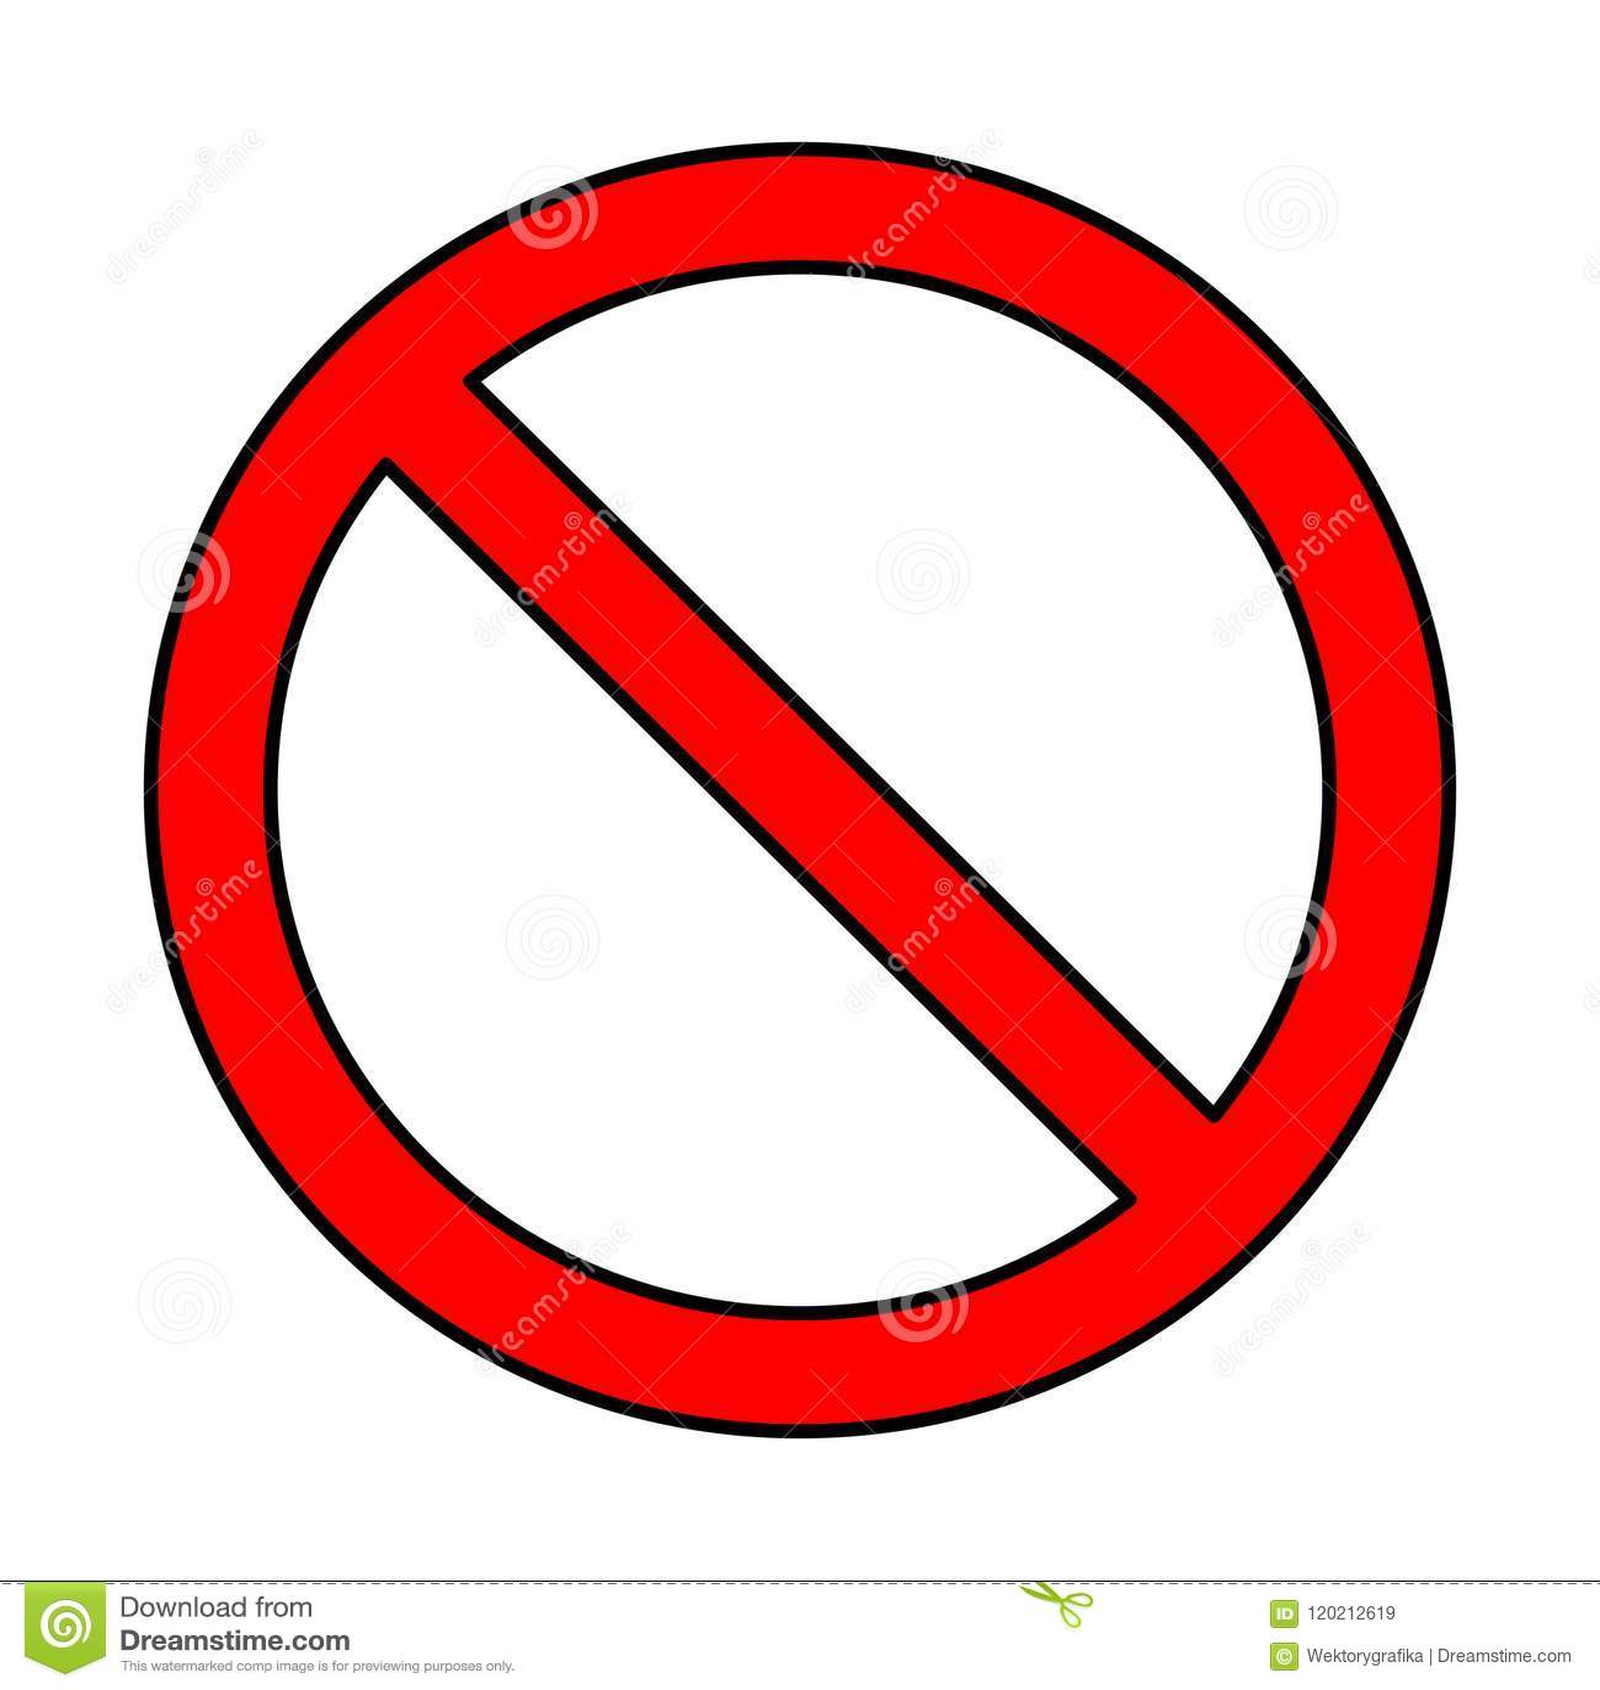 Κανένα σημάδι, σχέδιο συμβόλων απαγόρευσης που απομονώνεται στο άσπρο υπόβαθρο